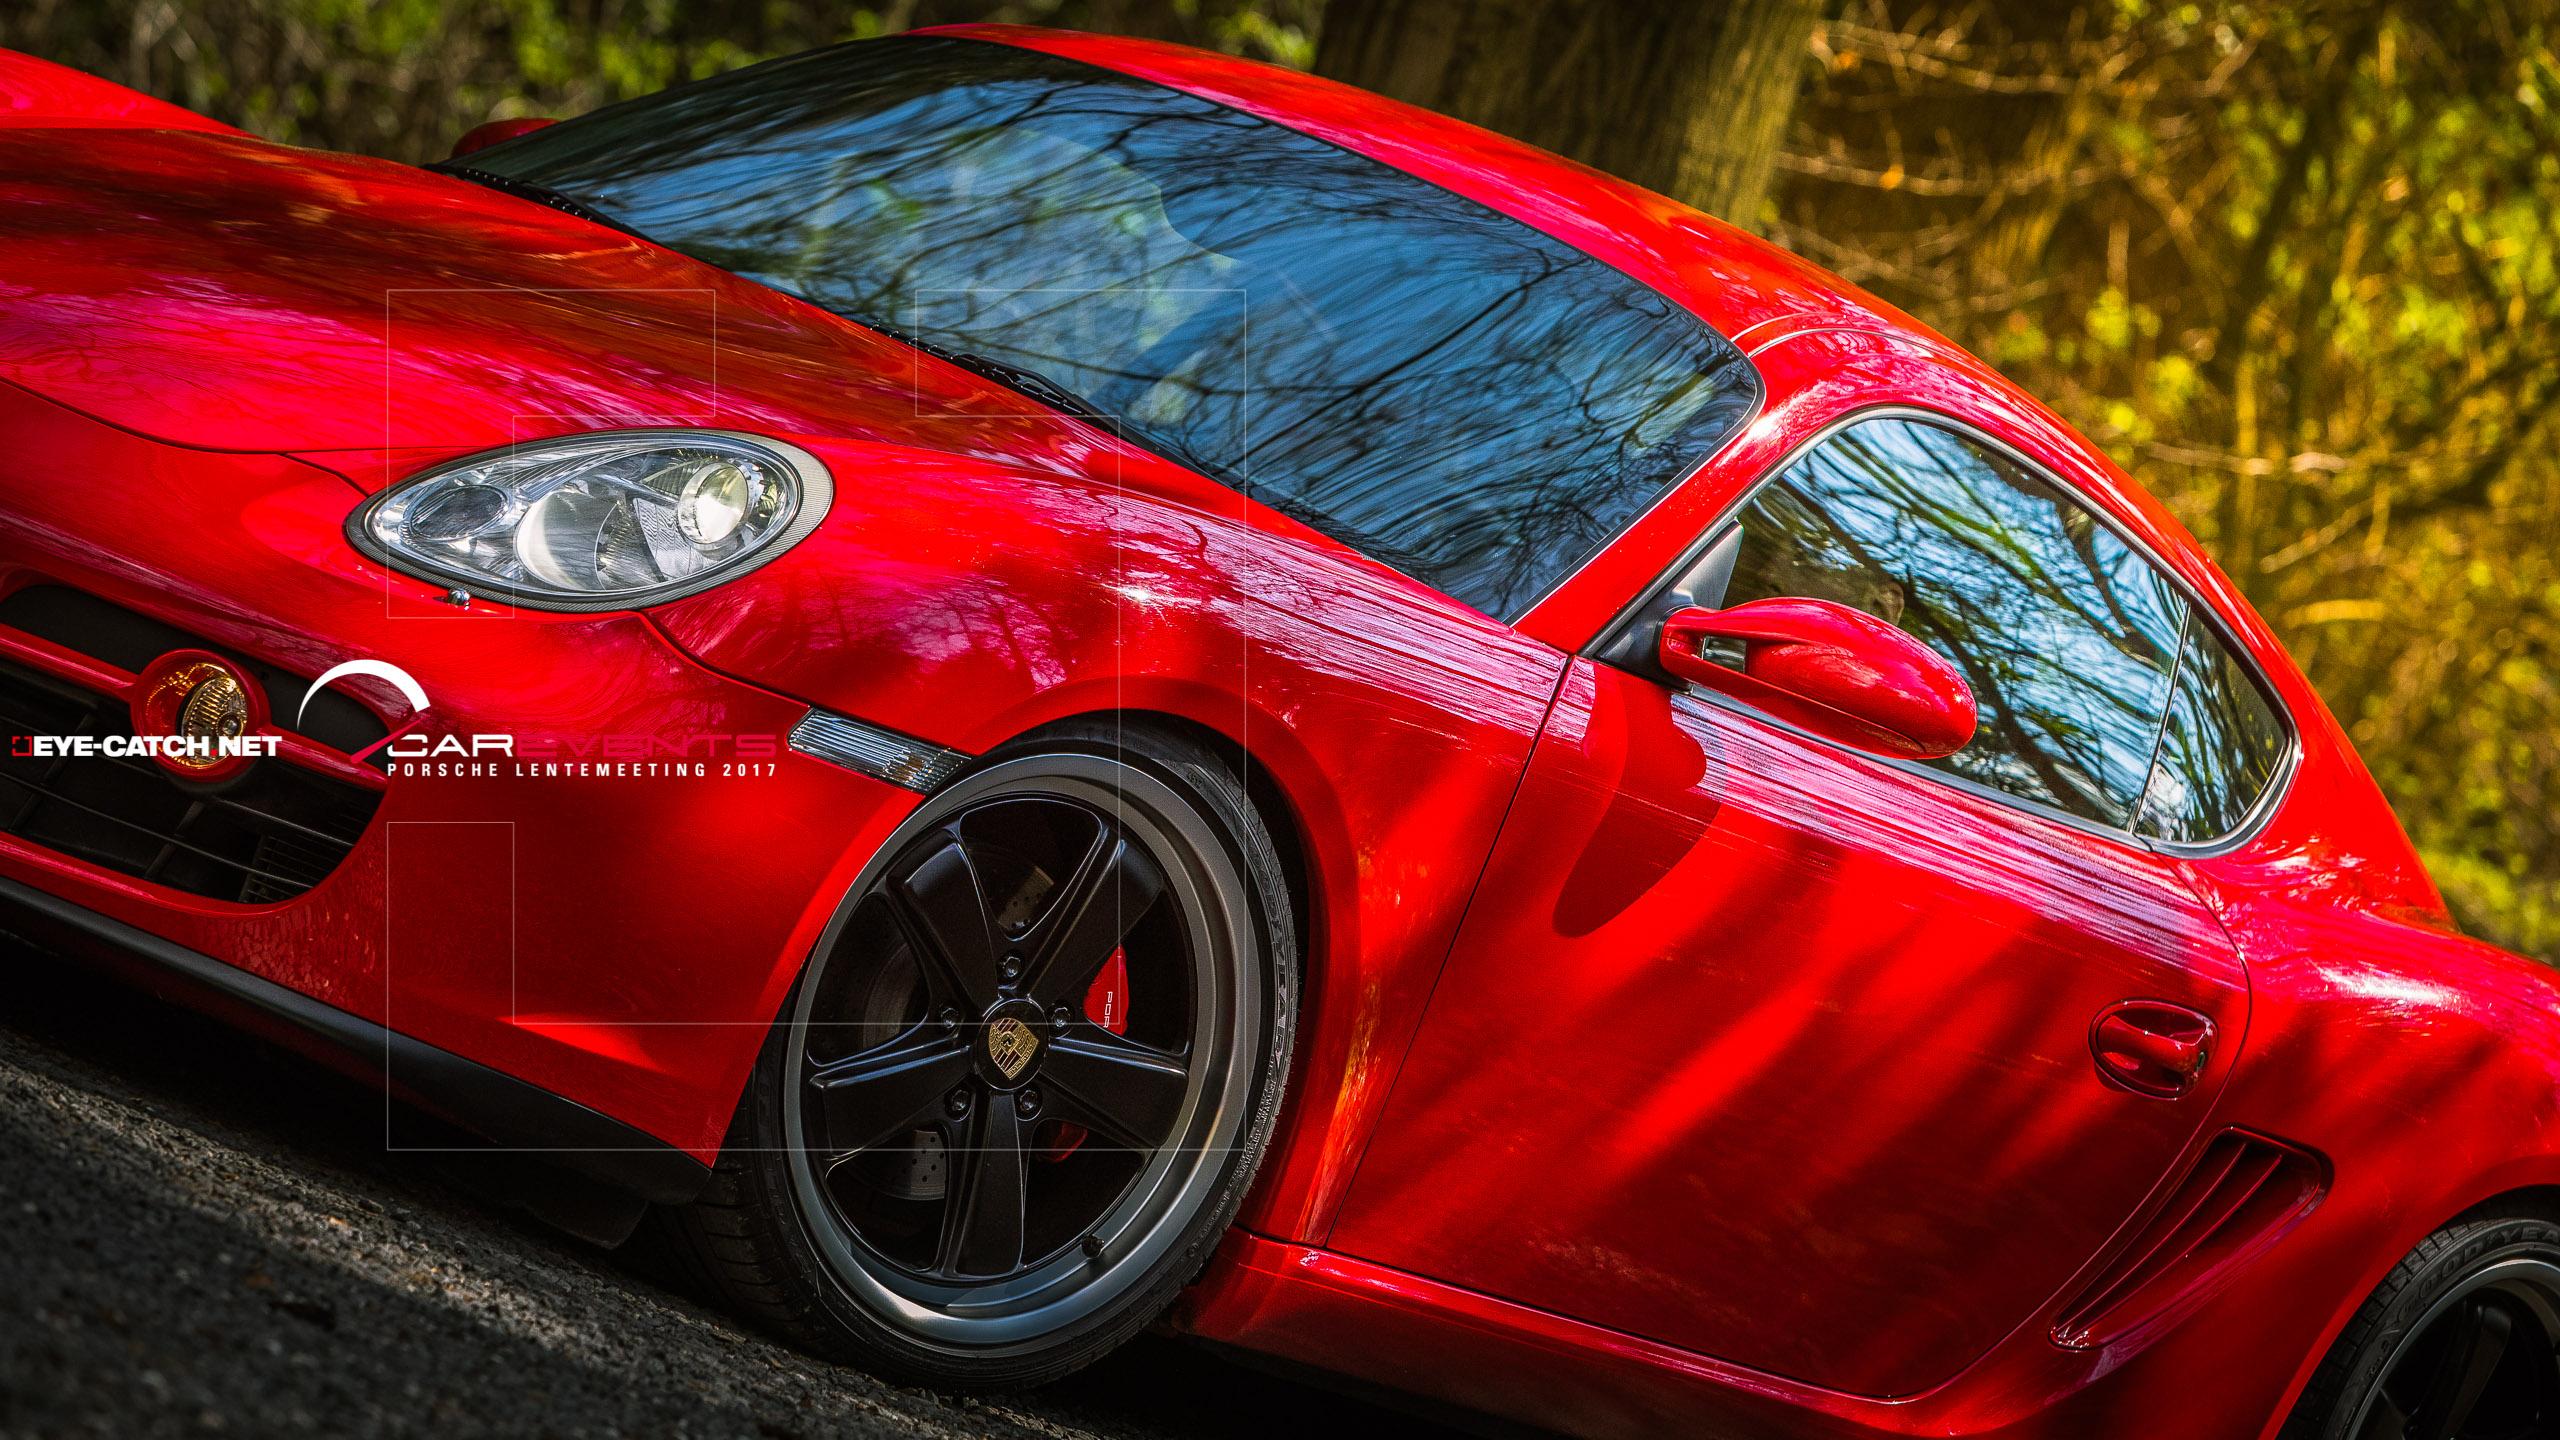 https://photos.smugmug.com/STOCK/Car-Events/Porsche-Lente-Meeting-2017/98-NXH-8/i-zzRhknV/0/O/Car-Events-2017-8658.jpg